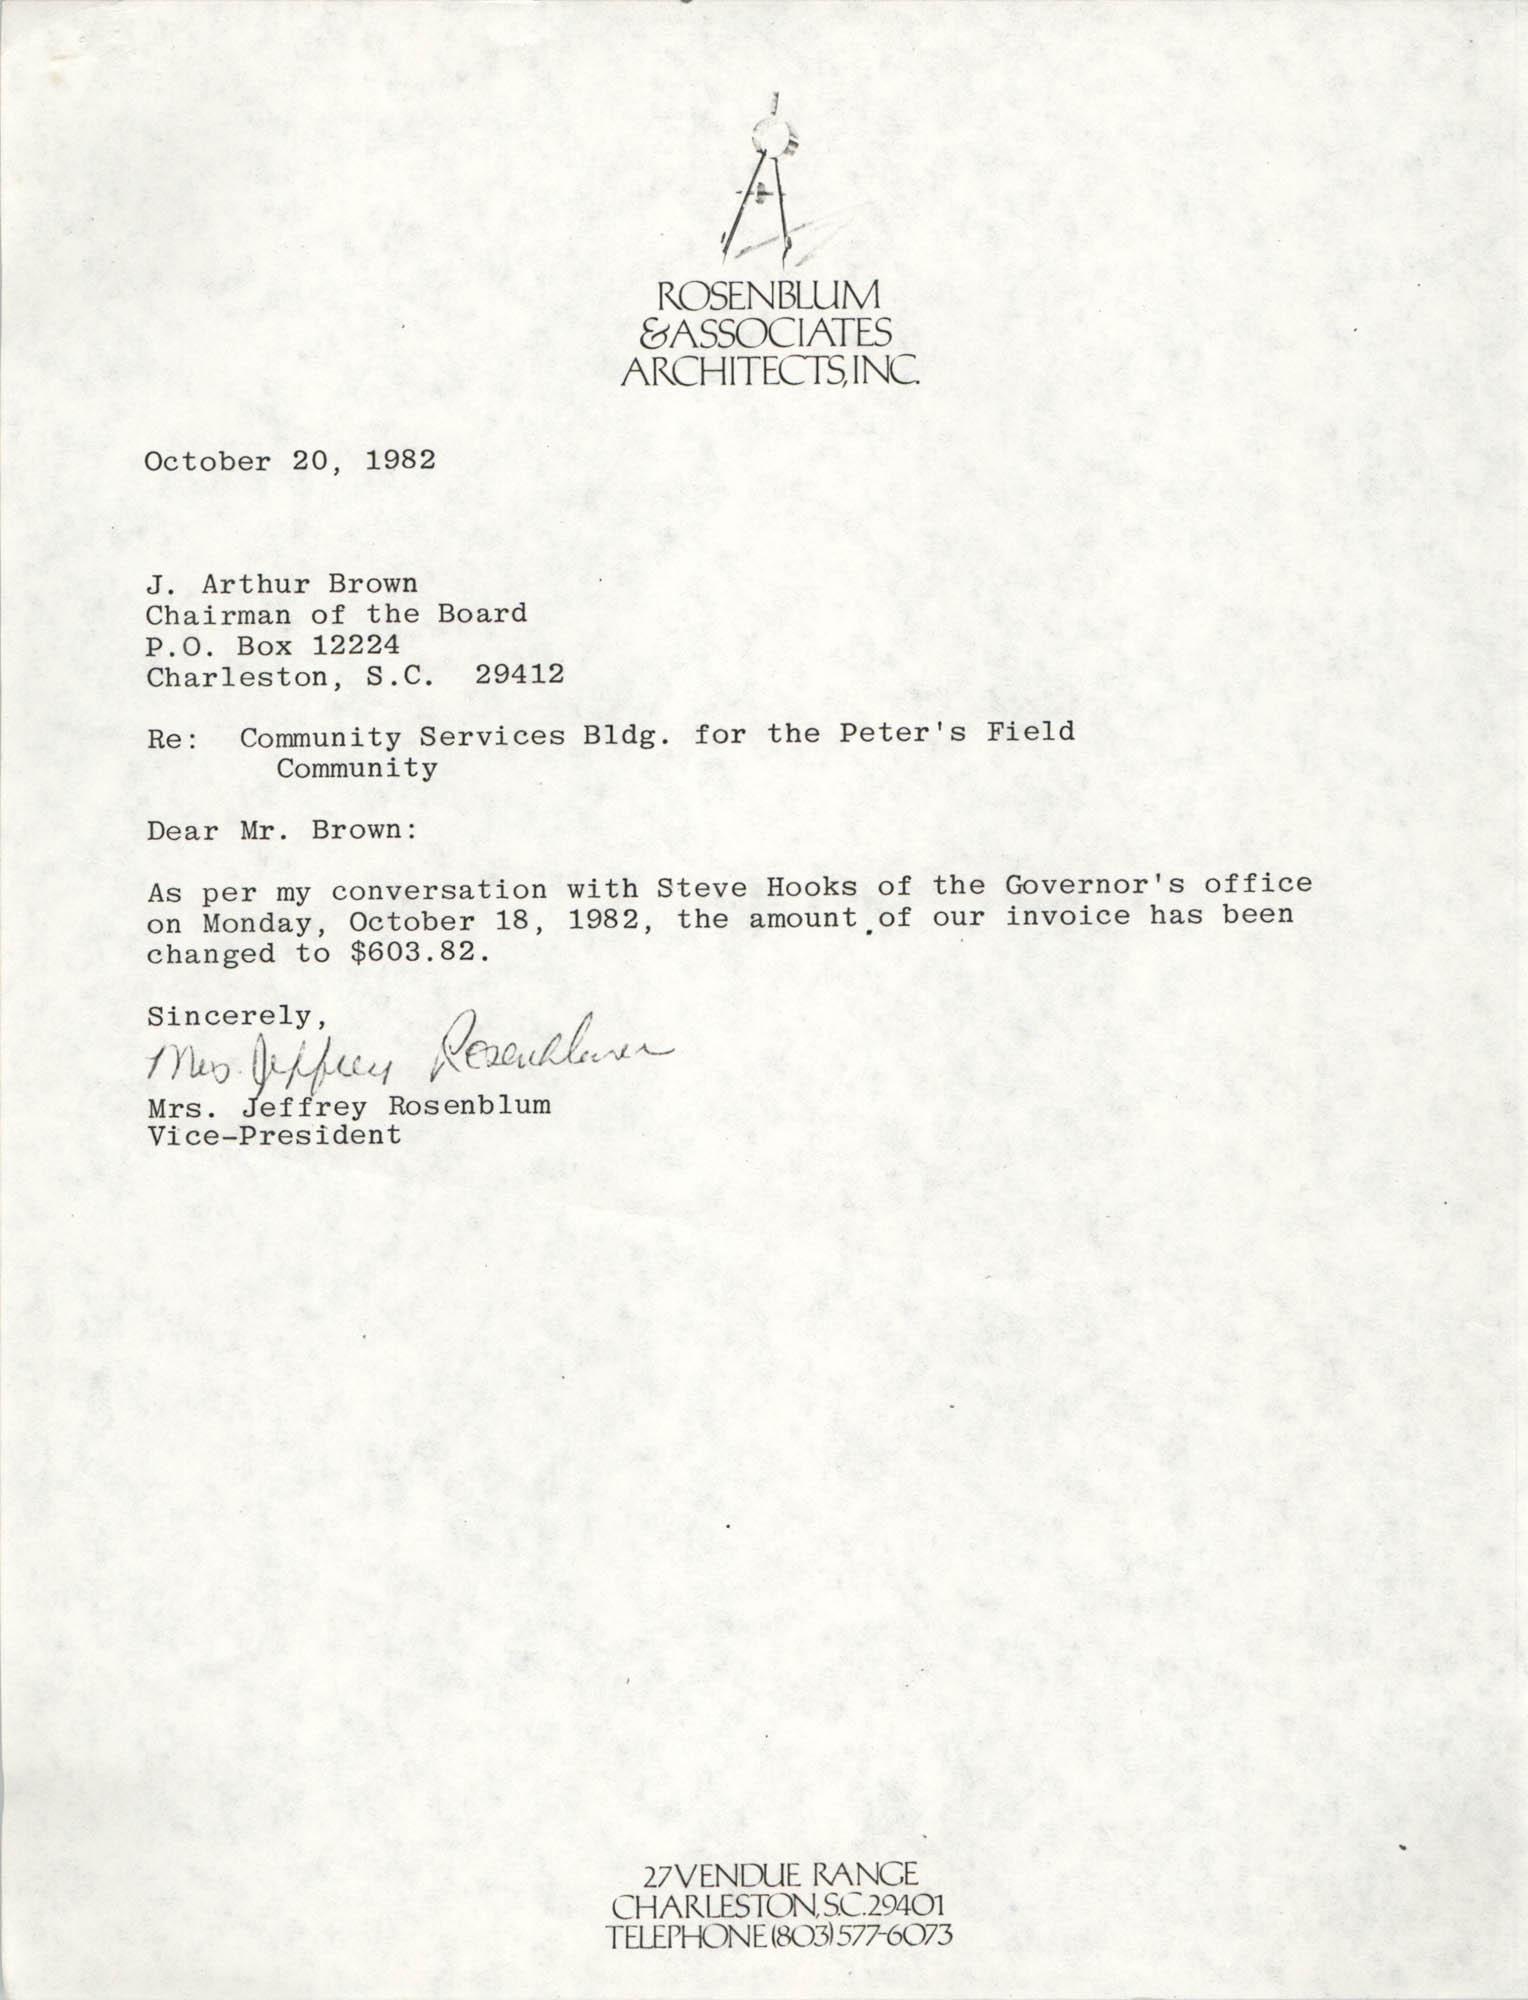 Letter from Jeffrey Rosenblum to J. Arthur Brown, October 20, 1982